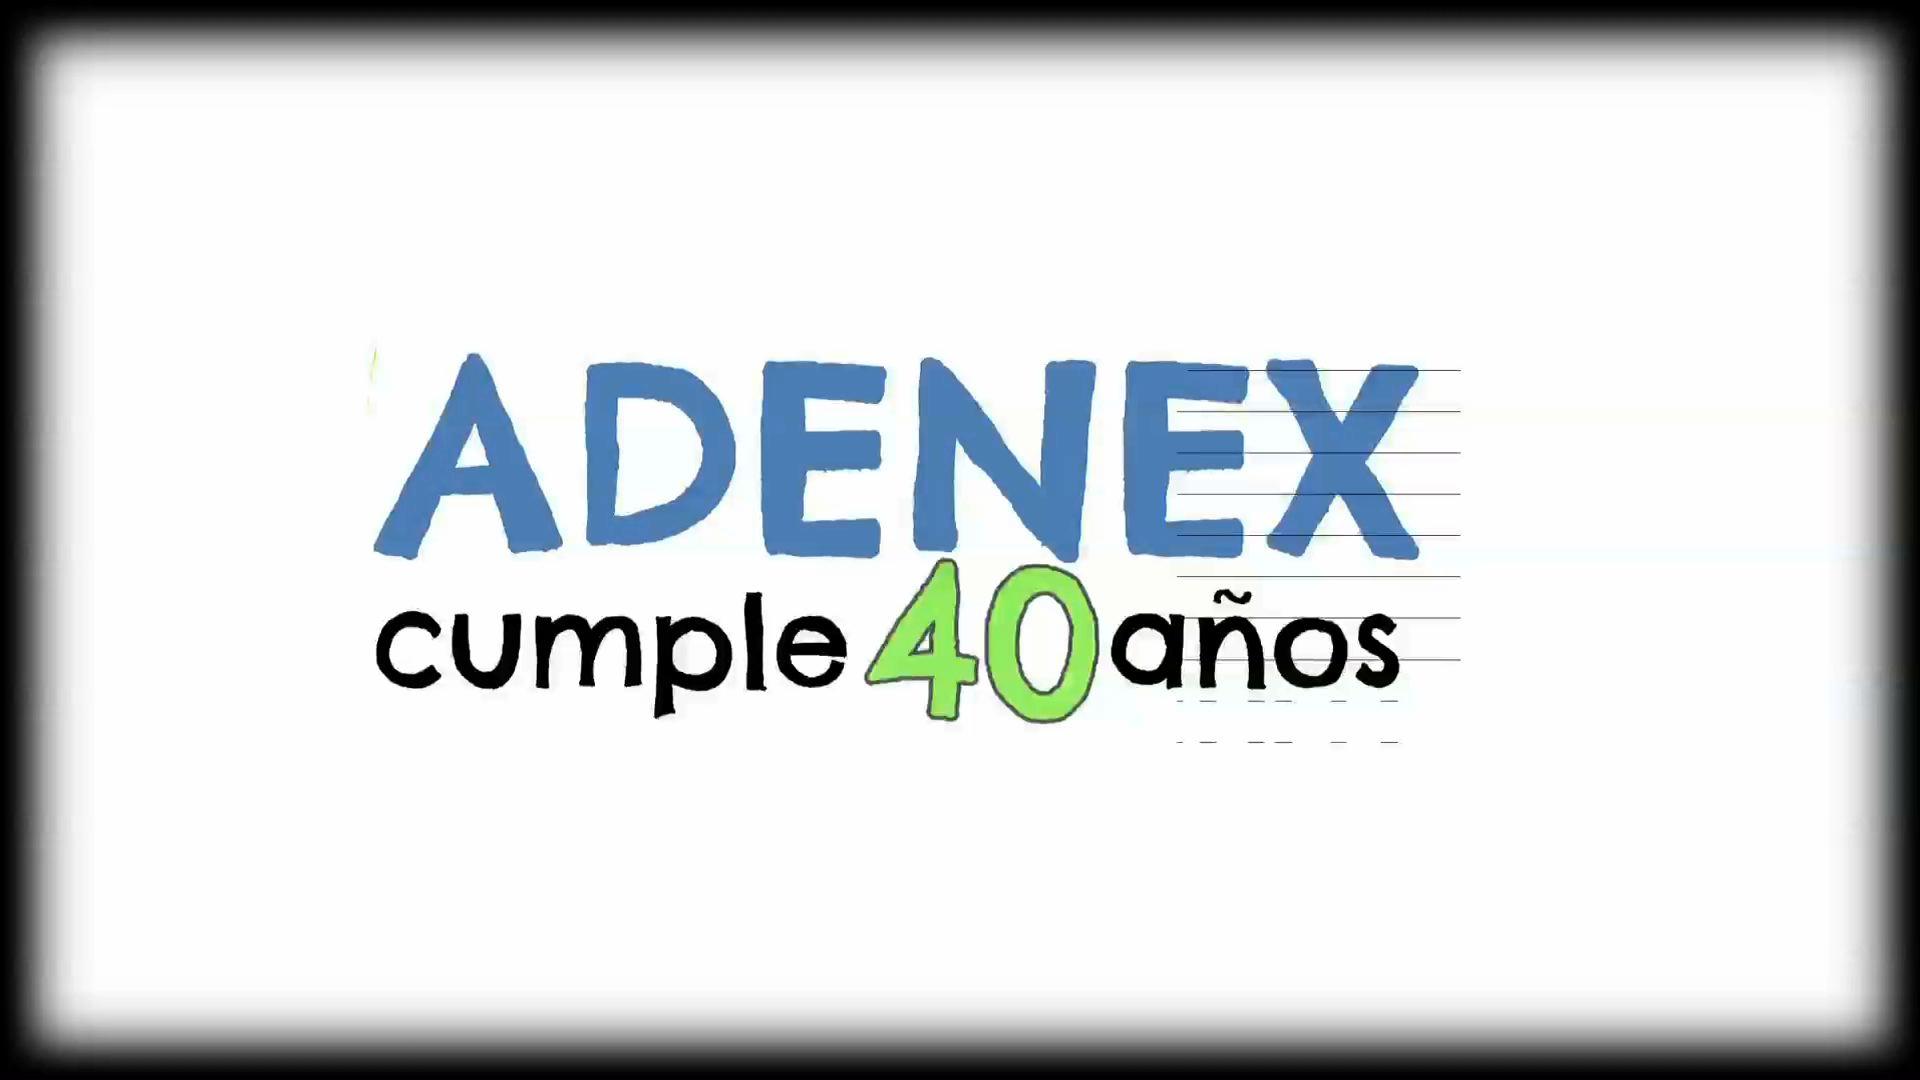 Documental Adenex cumple 40 años MASTER CERRADO ETALONADO h264